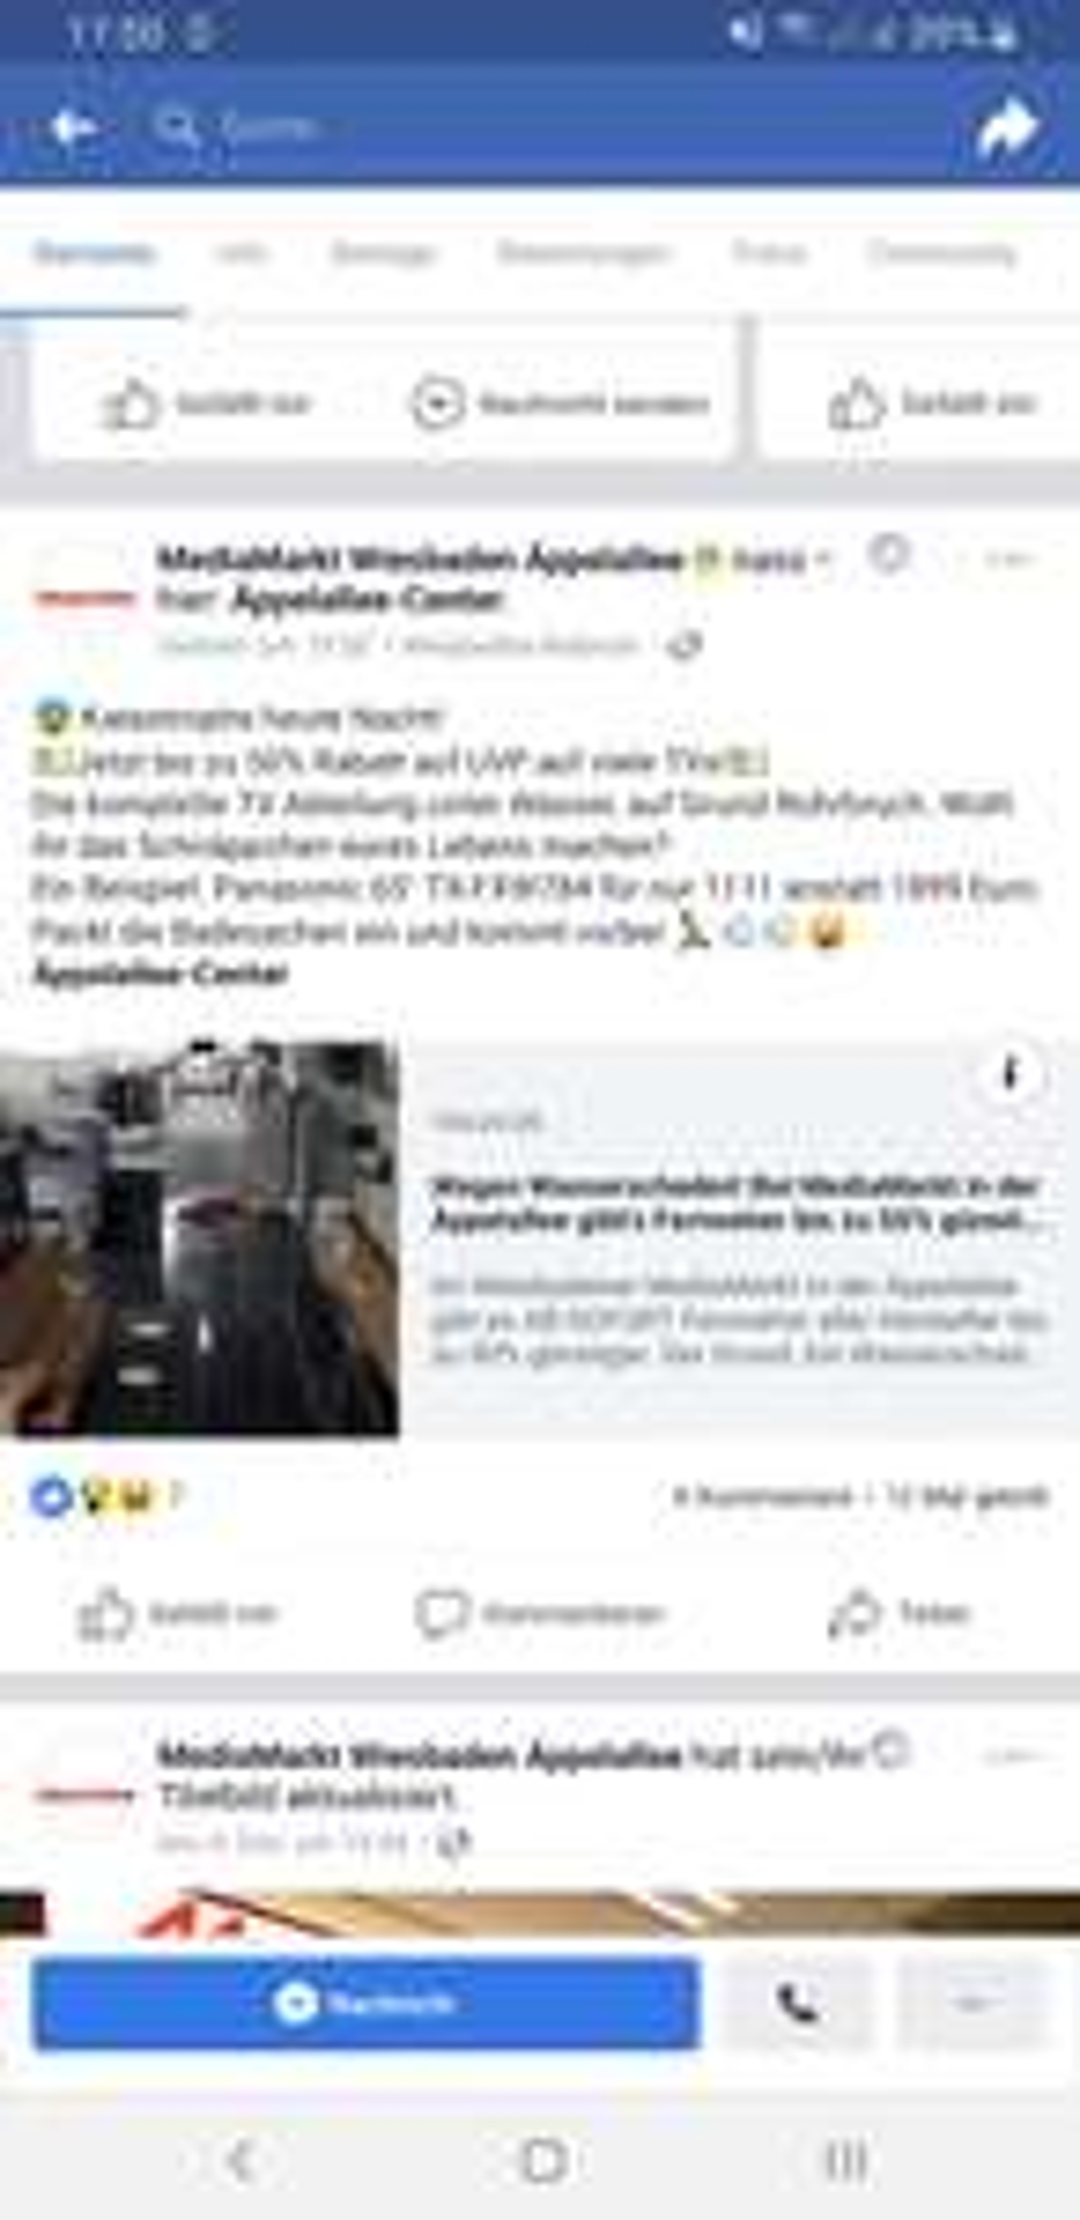 Mediamarkt Wiesbaden lokal - Panasonic TX-65FXW784 - 1111€  statt 1899€ - angeblich noch viele andere TVs bis 50% reduziert